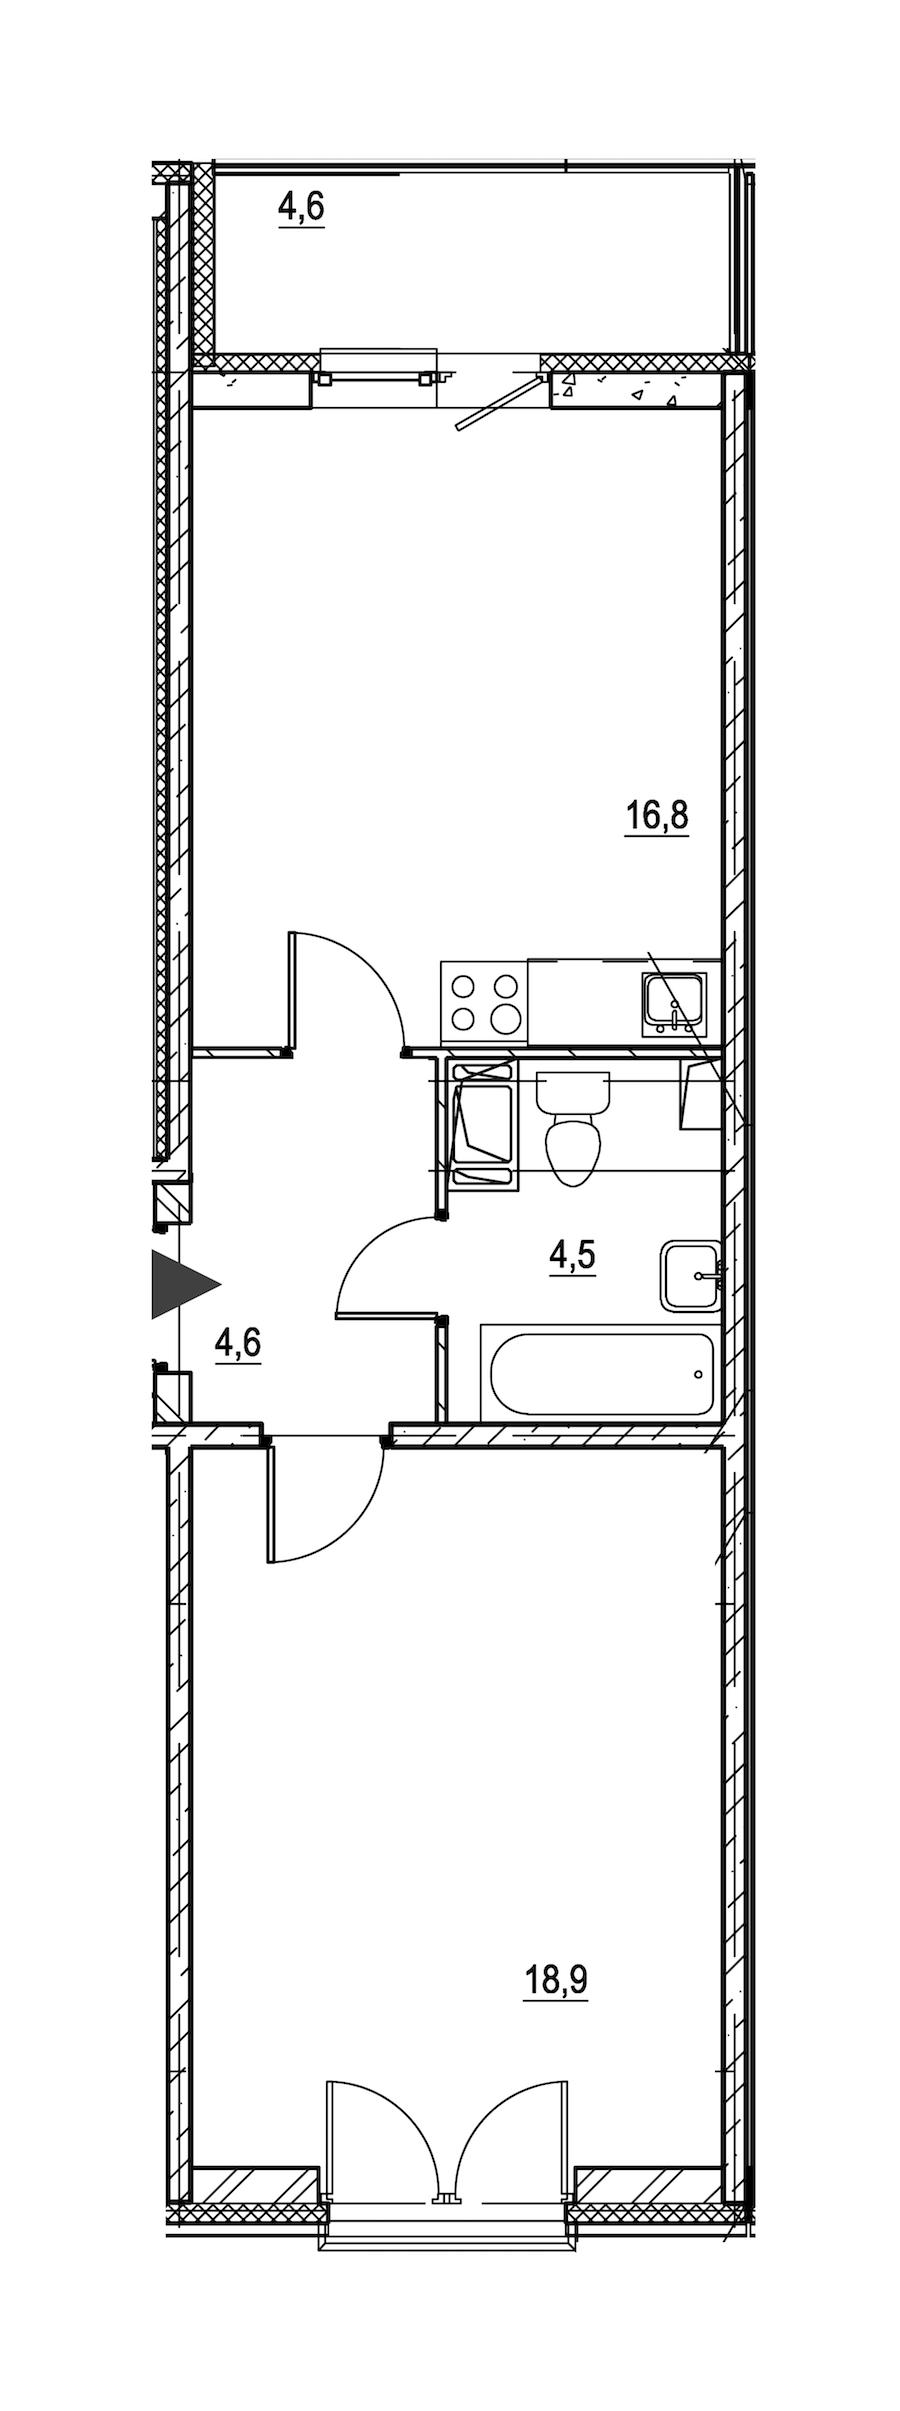 1-комнатная 47 м<sup>2</sup> на 2 этаже